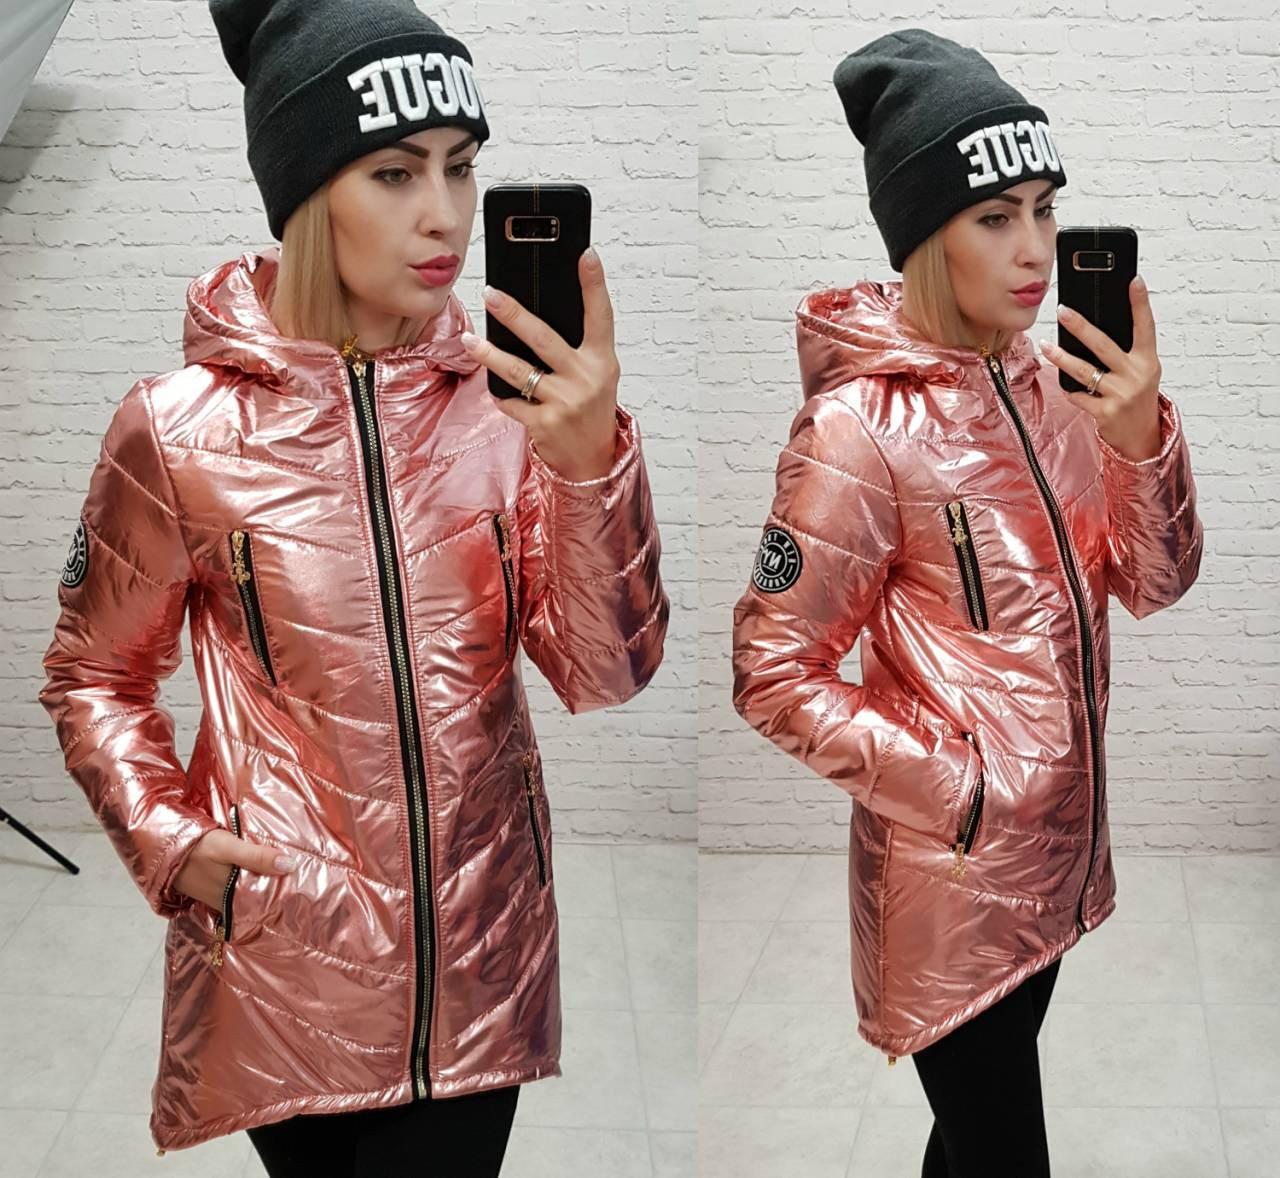 Куртка весна/осінь 2018, модель 300, колір - світло рожевий металік, 42 44